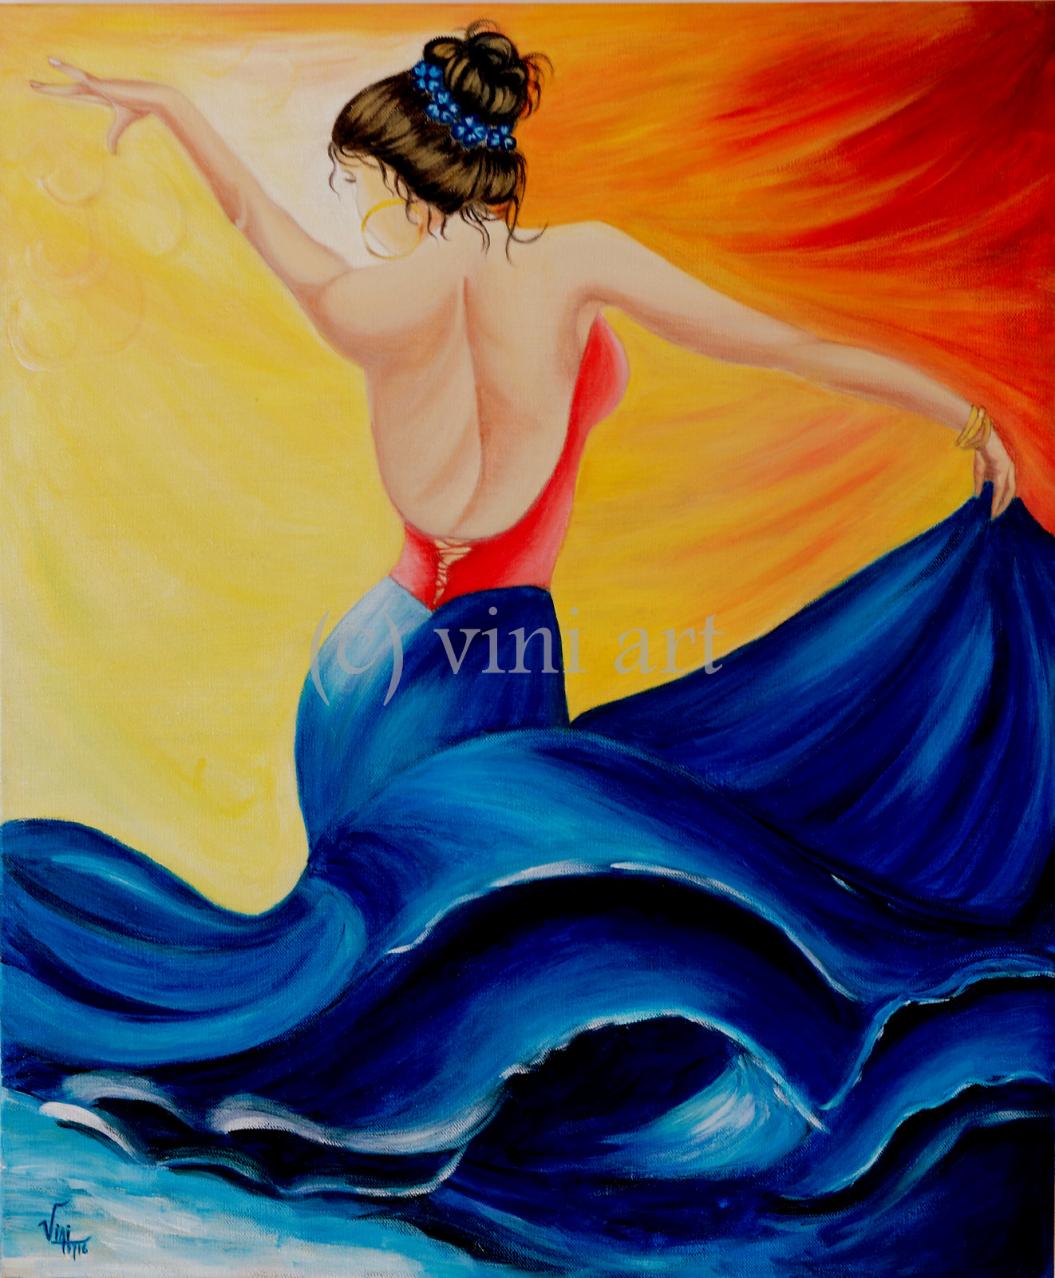 vinita_mathur_Flamenco_acrylic on canvas_20x24.jpg